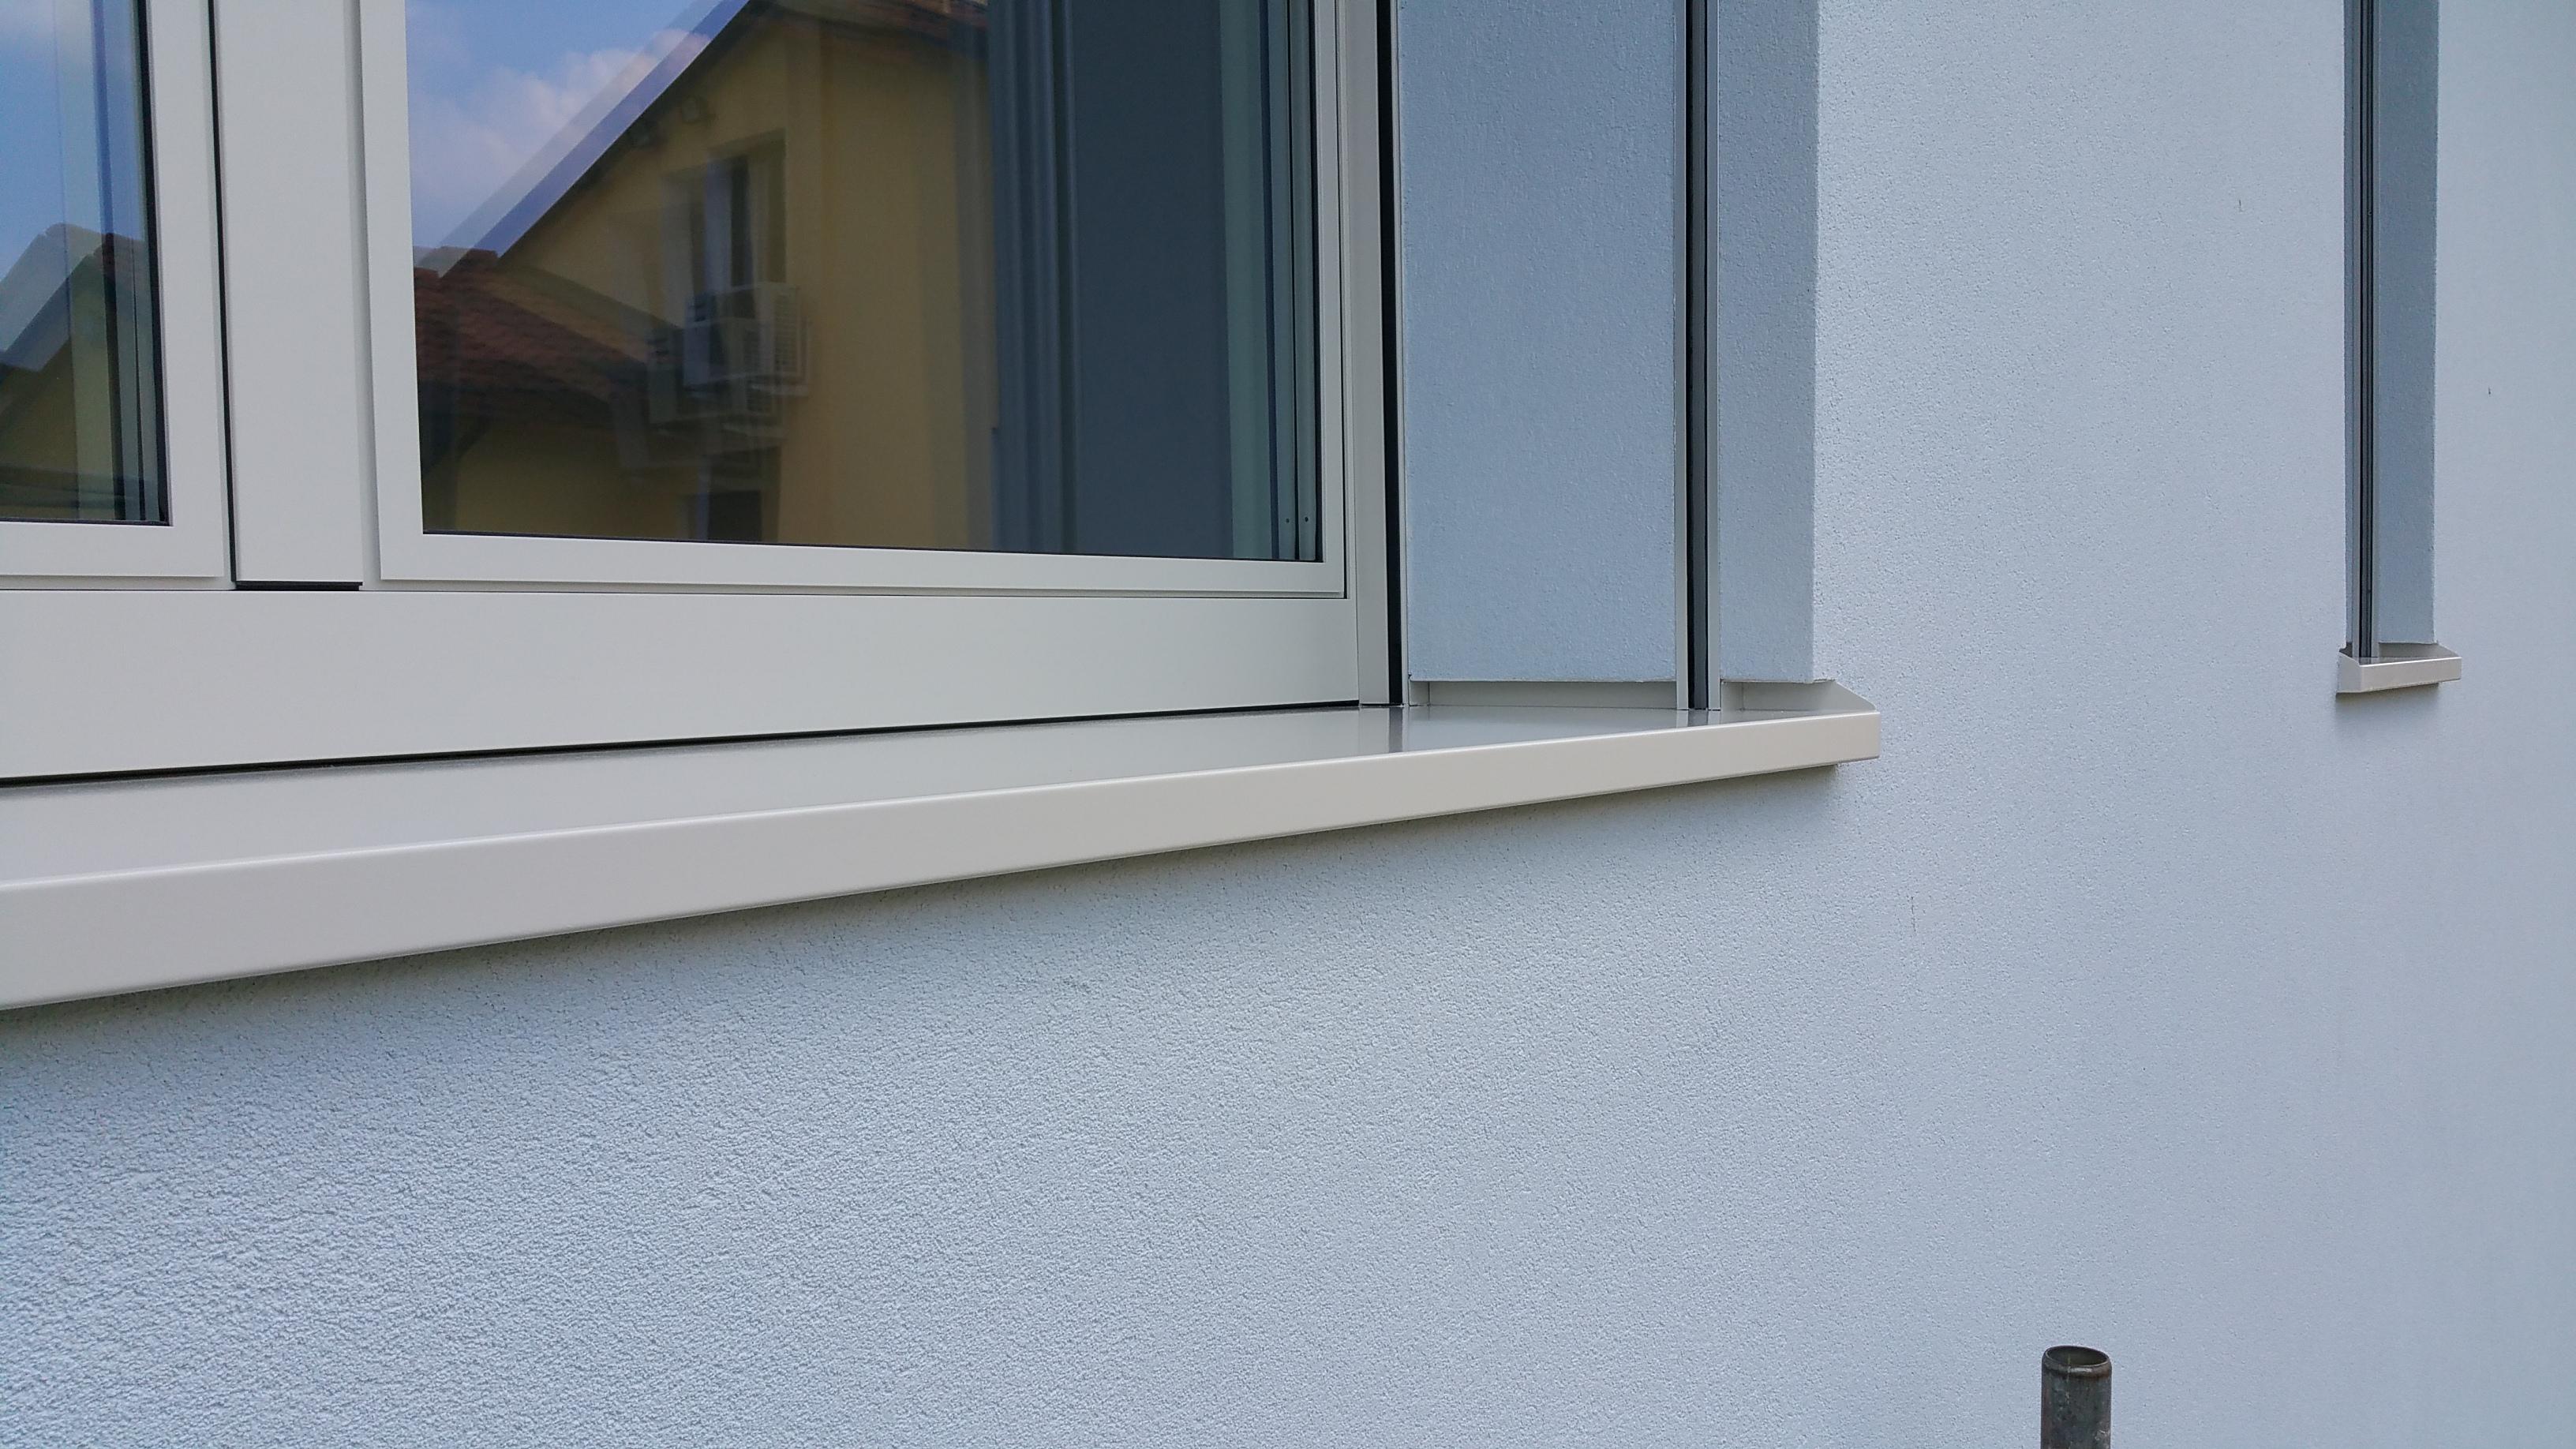 Ciò che stabilisce la corretta posizione degli infissi è la posizione dell'isolante. Se possibile, la soluzione ideale per abbattere il valore PSI del ponte termico sul foro finestra è posizionare gli infissi direttamente sull'isolante.